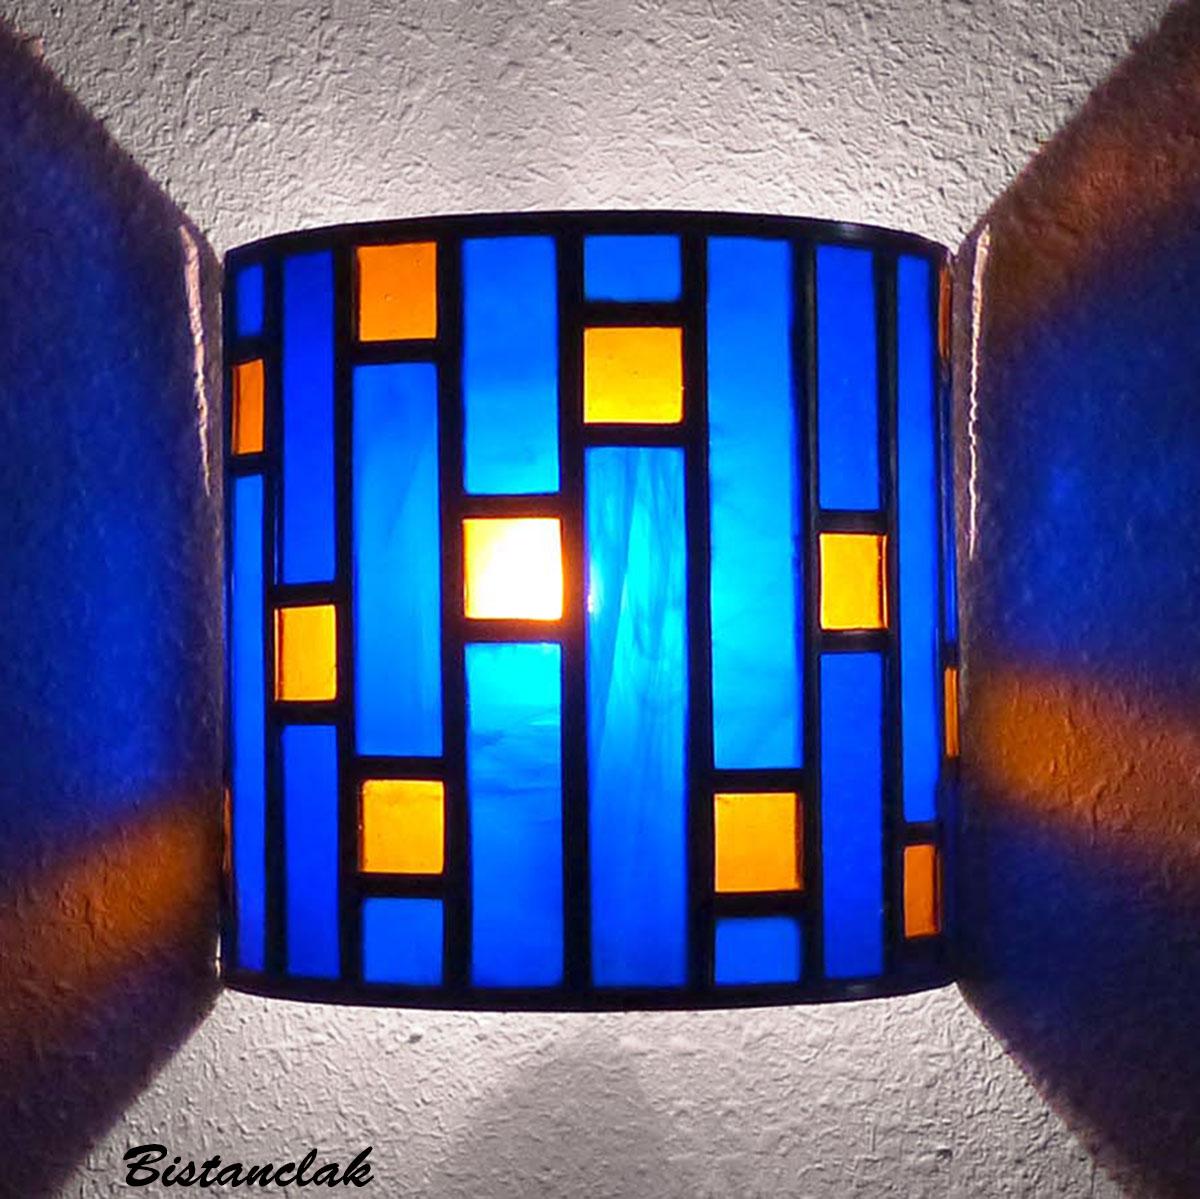 applique vitrail demi-cylindre moderne bleu et ambre